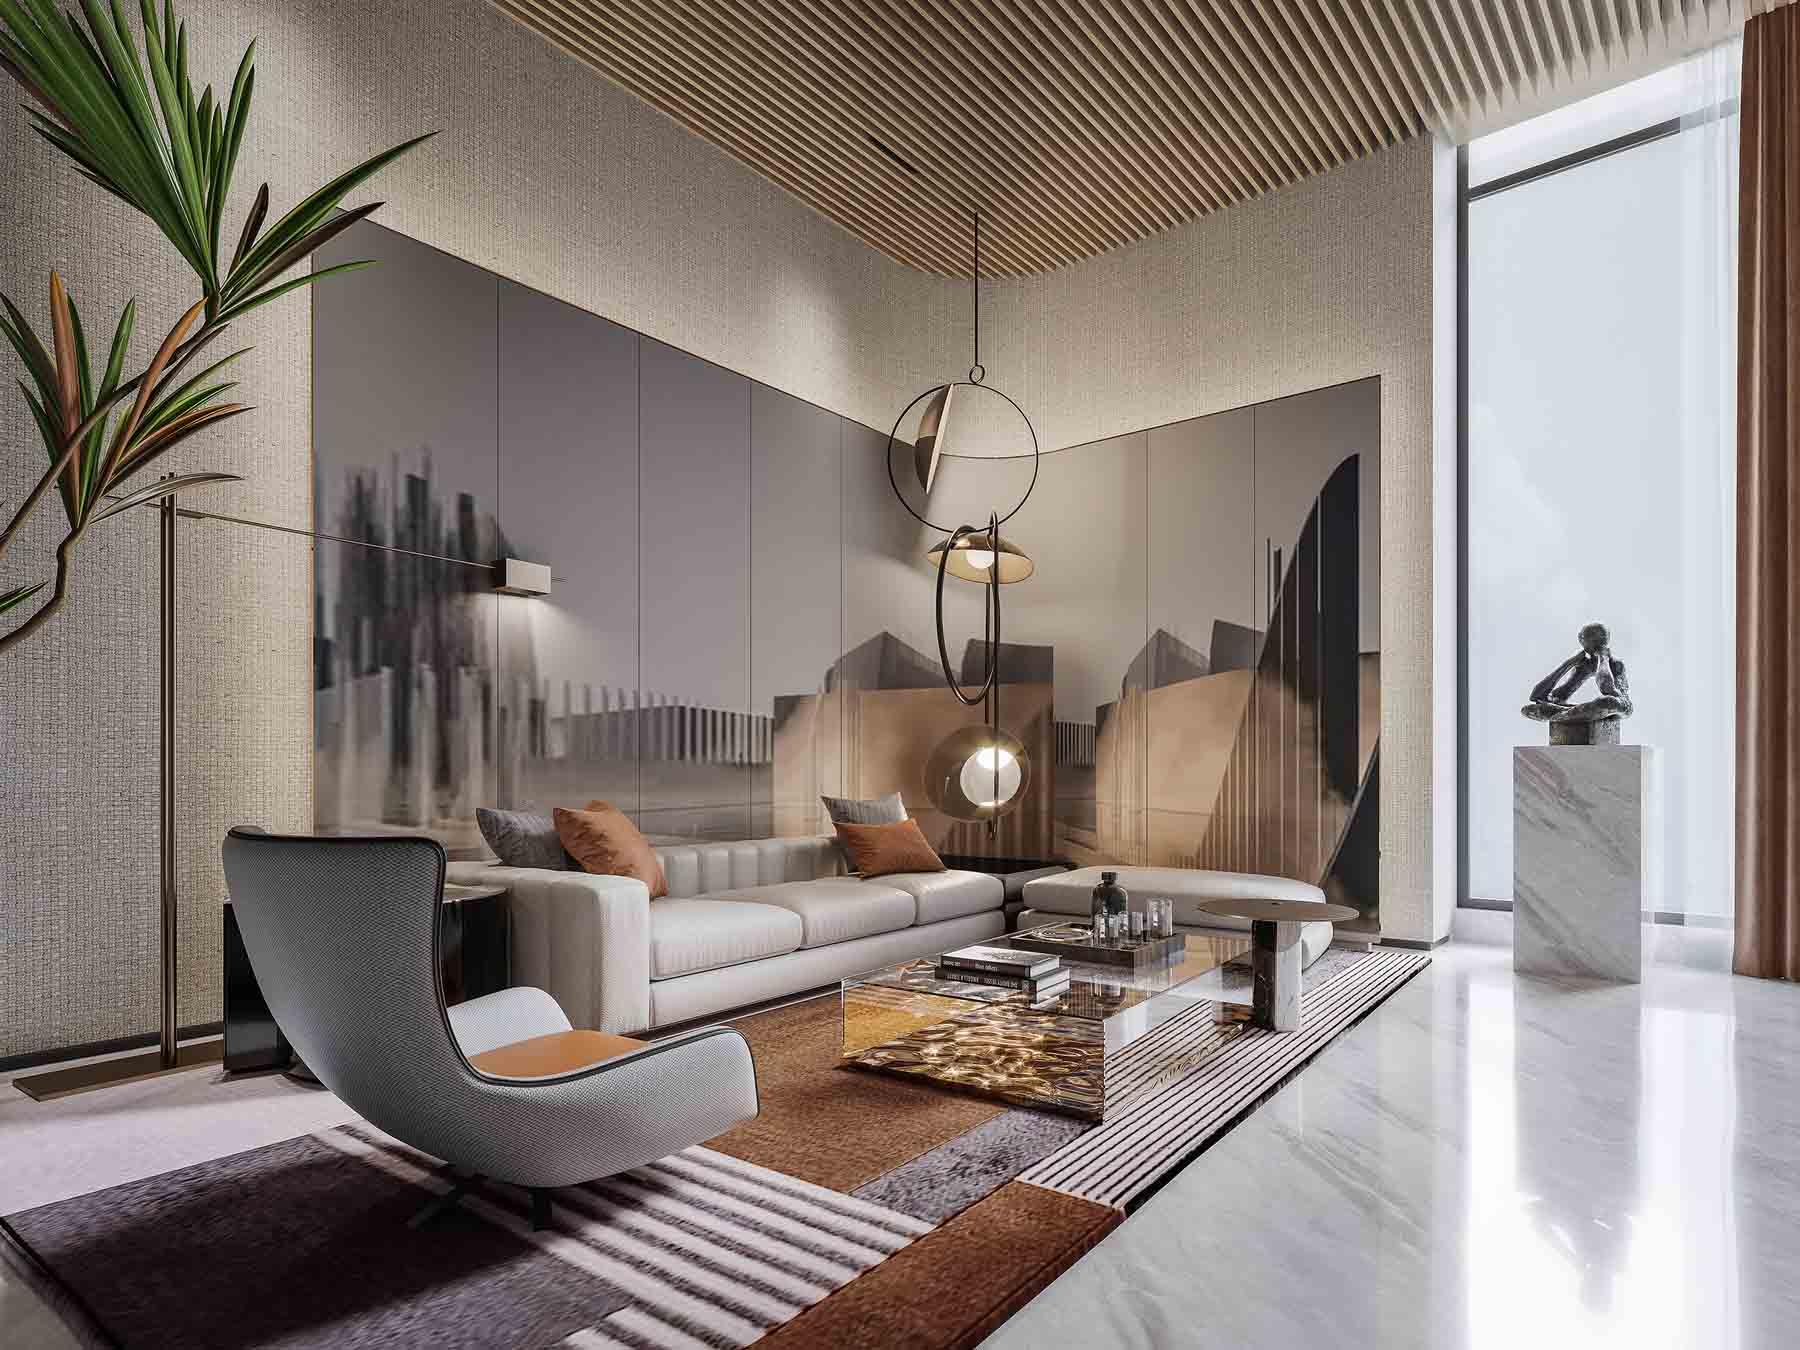 售楼部设计,售楼部软装设计,样板间软装设计,样板间软装设计施工